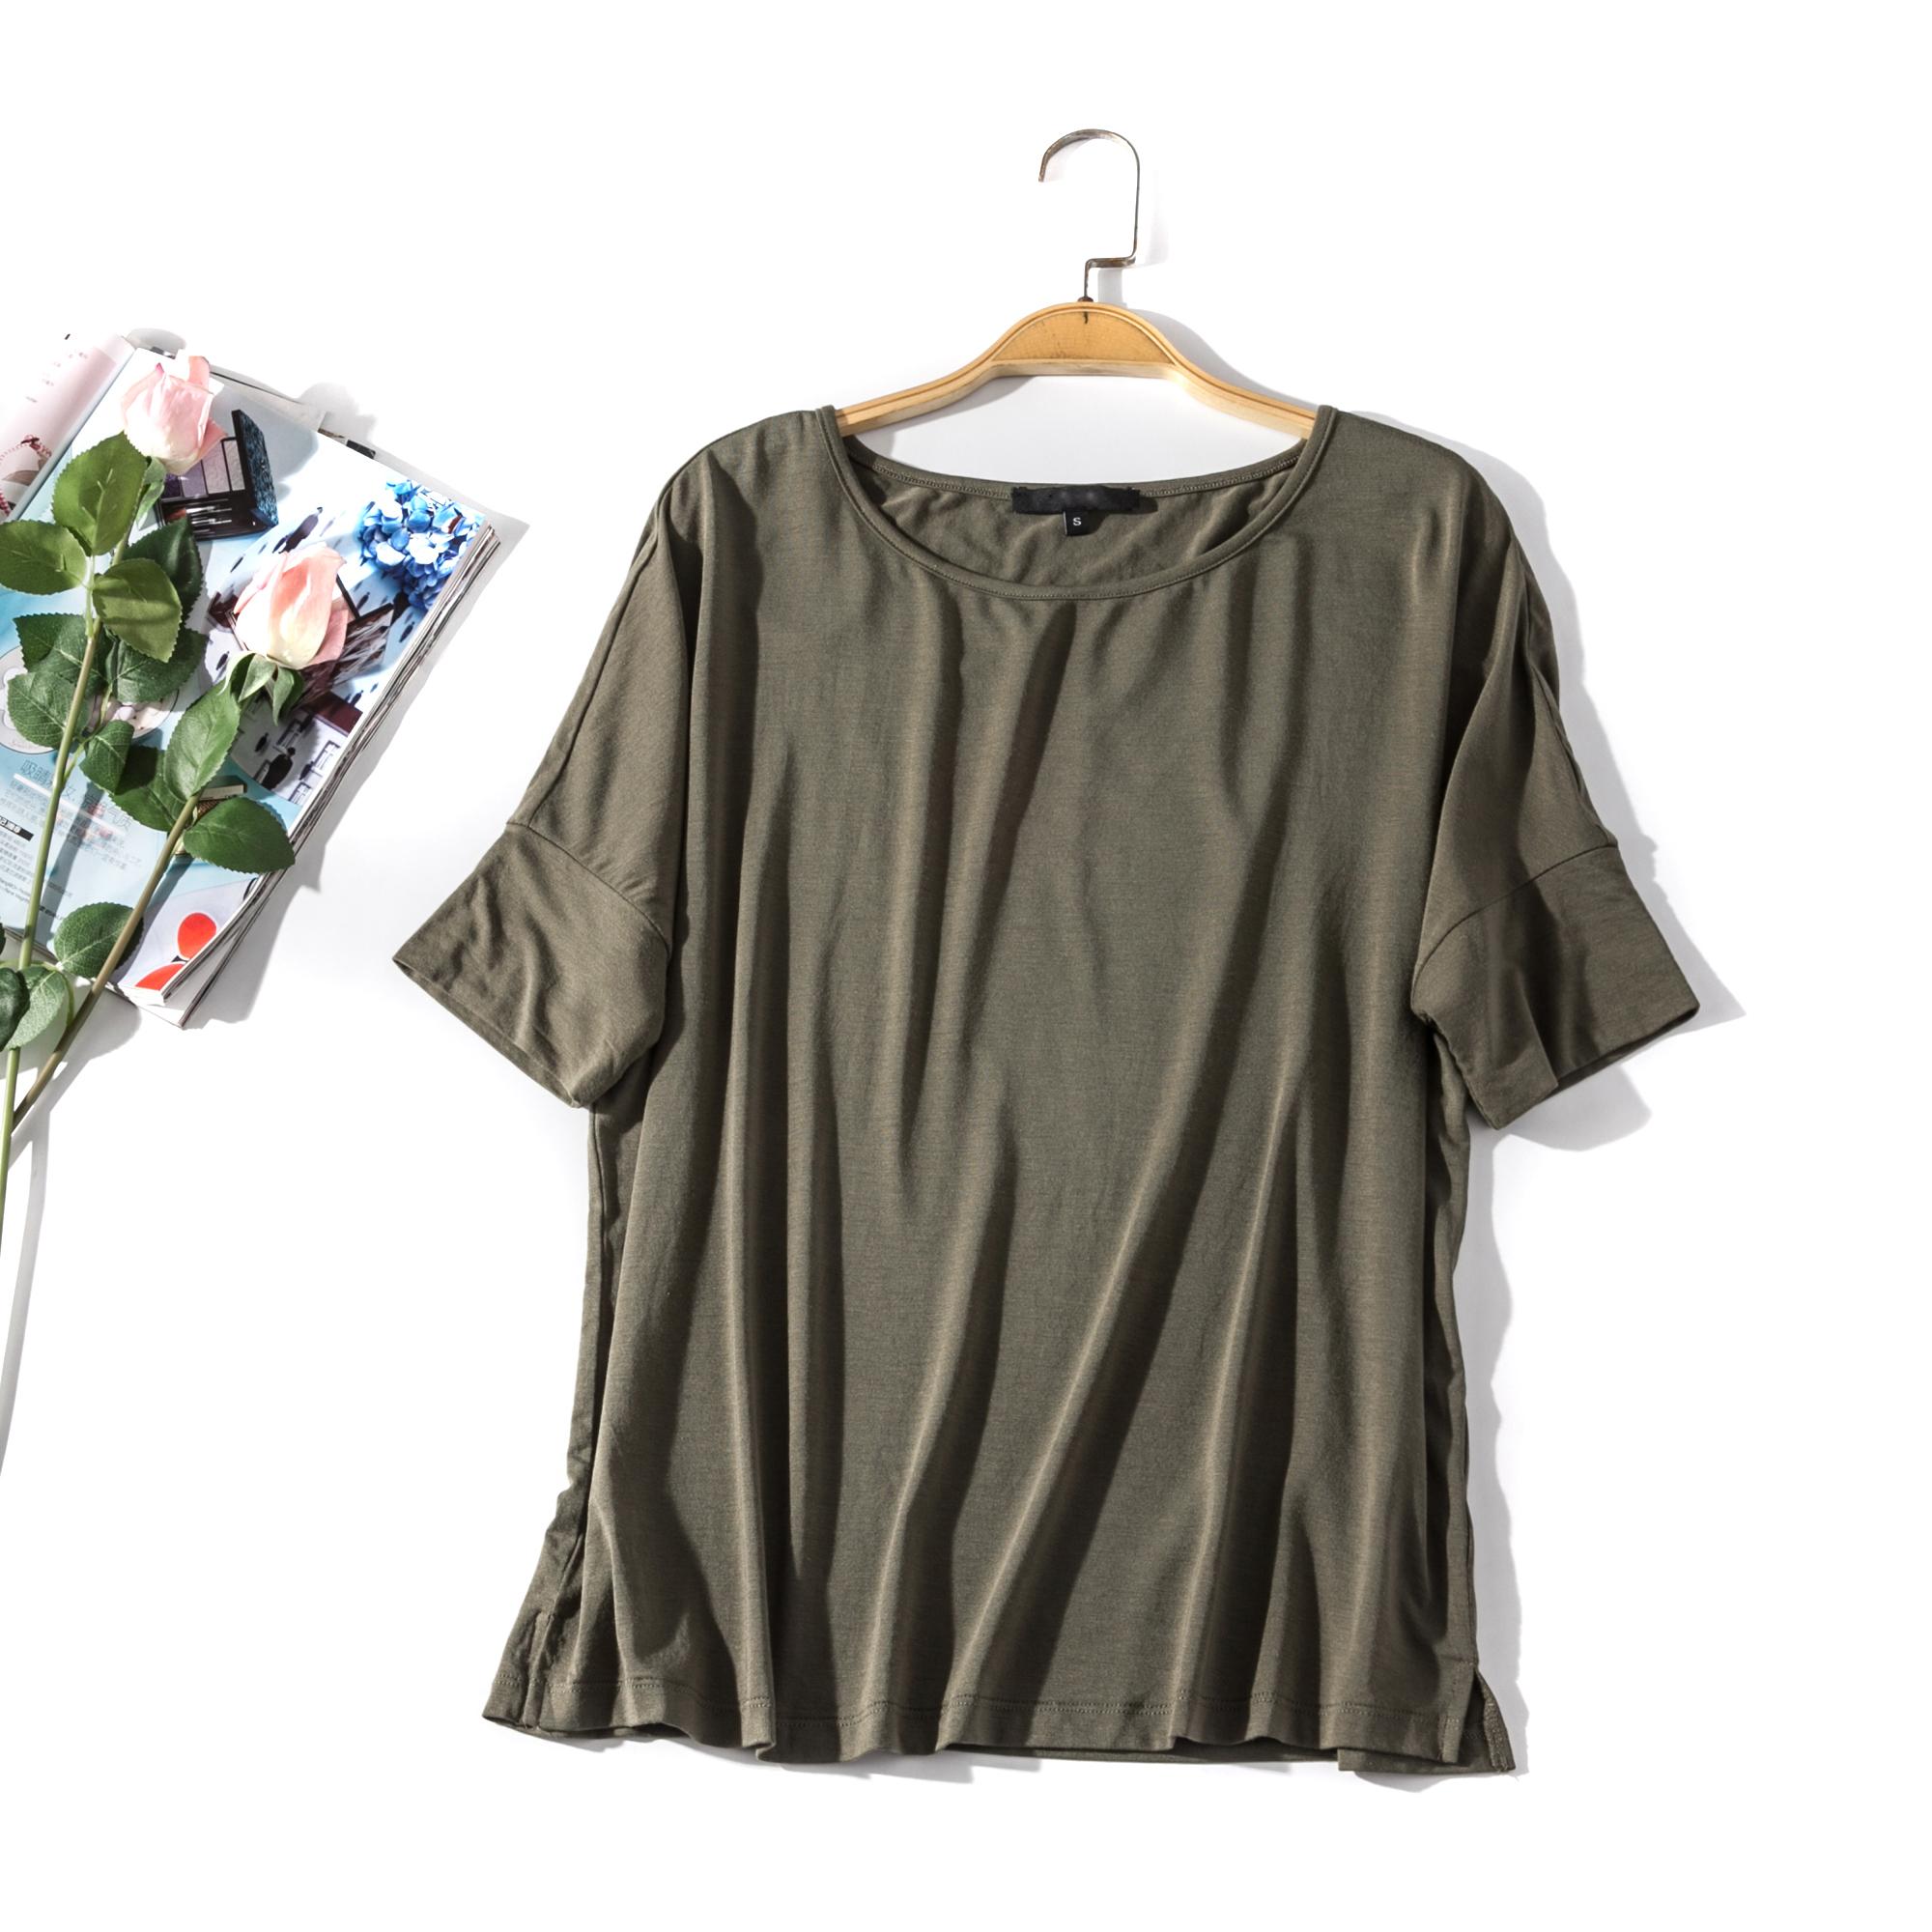 出口欧美单女装胸围98-138cm 圆领短袖纯色莫代尔打底衫T恤女L34A